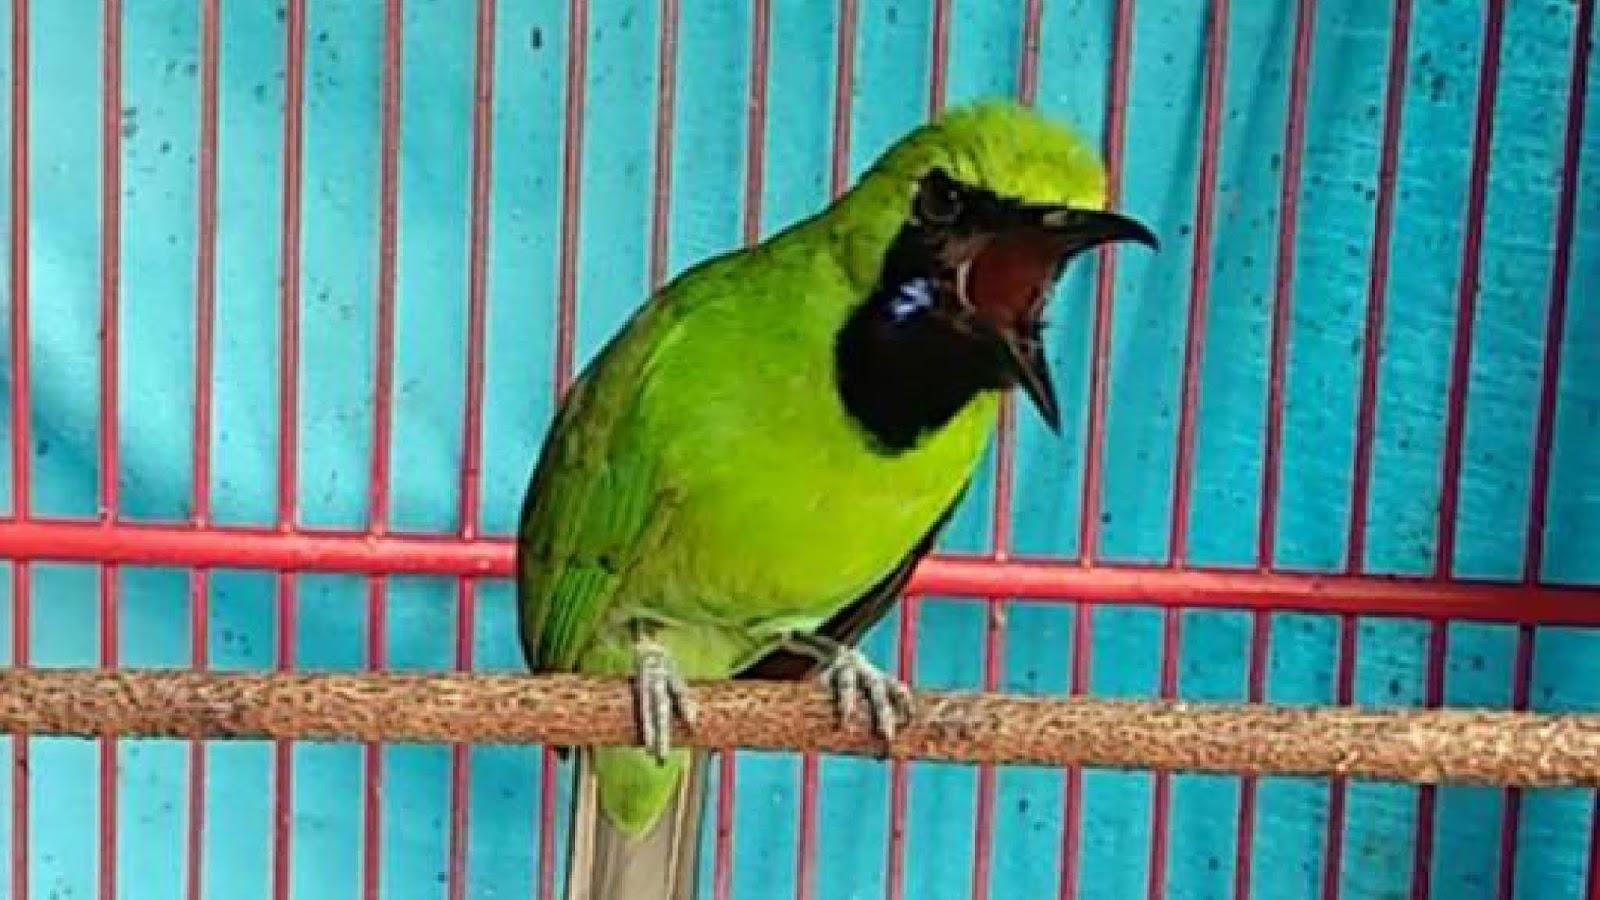 Suara Burung Masteran Terlengkap Download Suara Burung Cucak Ijo Jantan Gacor Full Isian Download